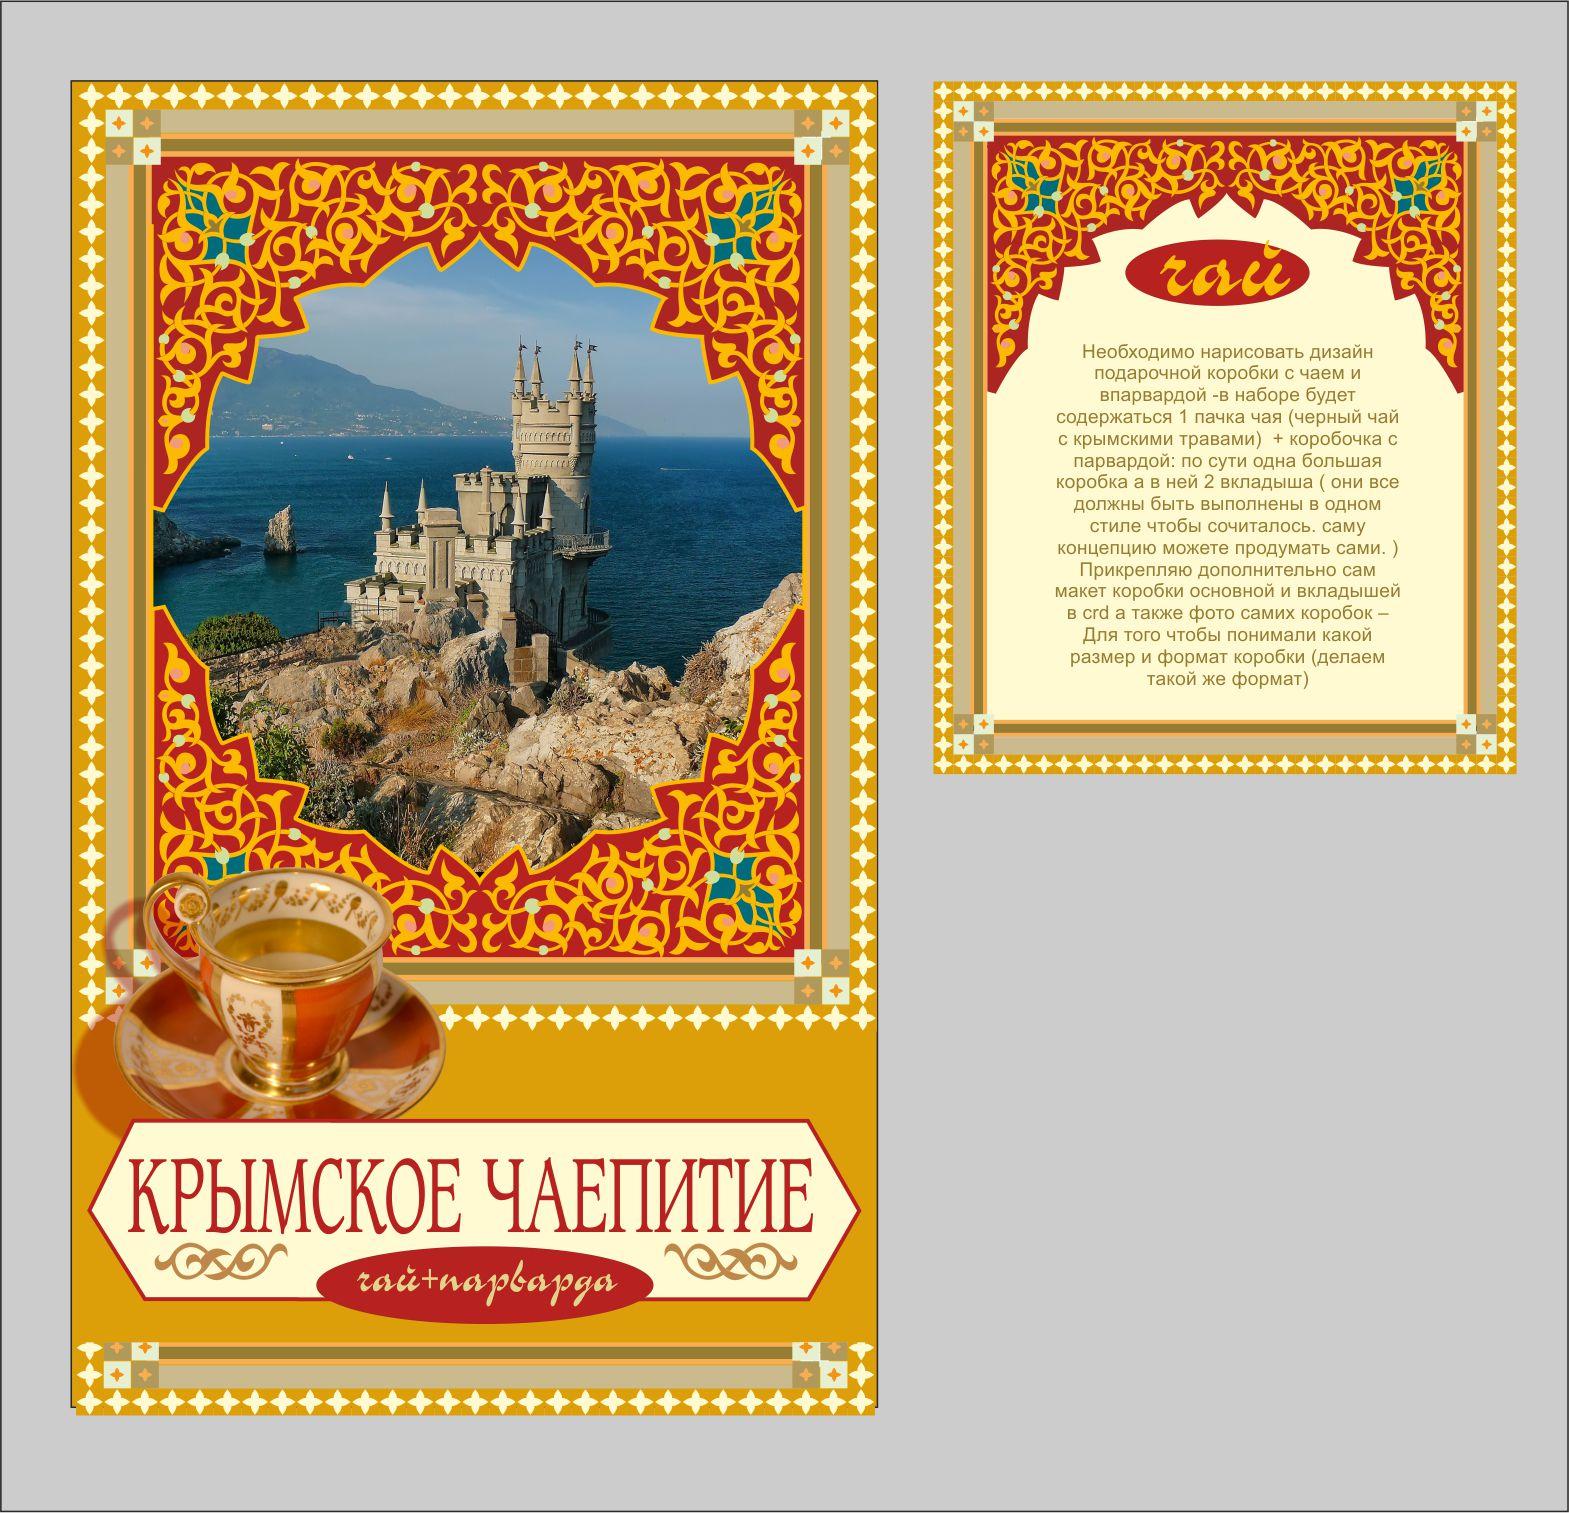 Дизайн коробки сувенирной  чай+парварда (подарочный набор) фото f_6645a4e16ac66045.jpg